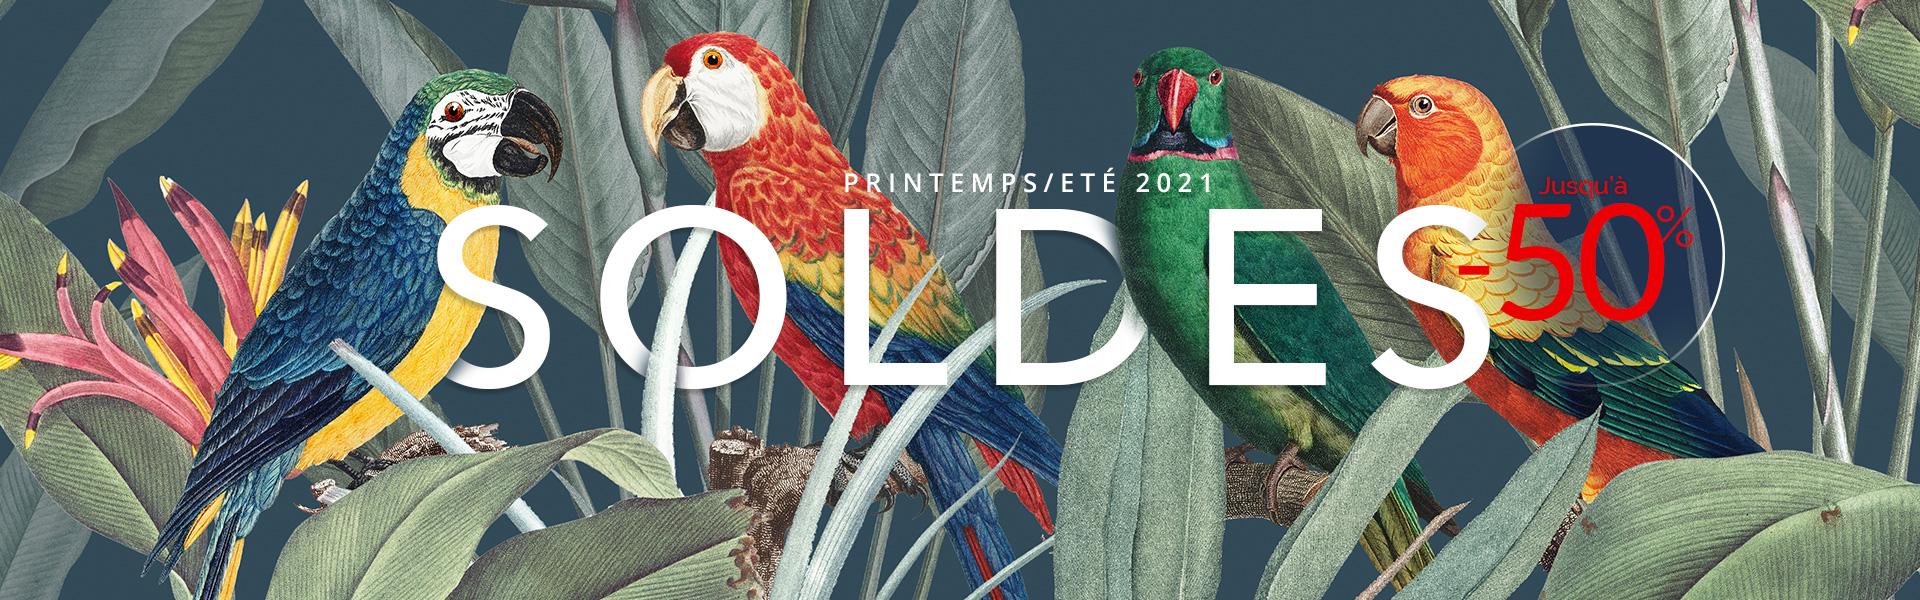 1-20210630-SOLDESETE21